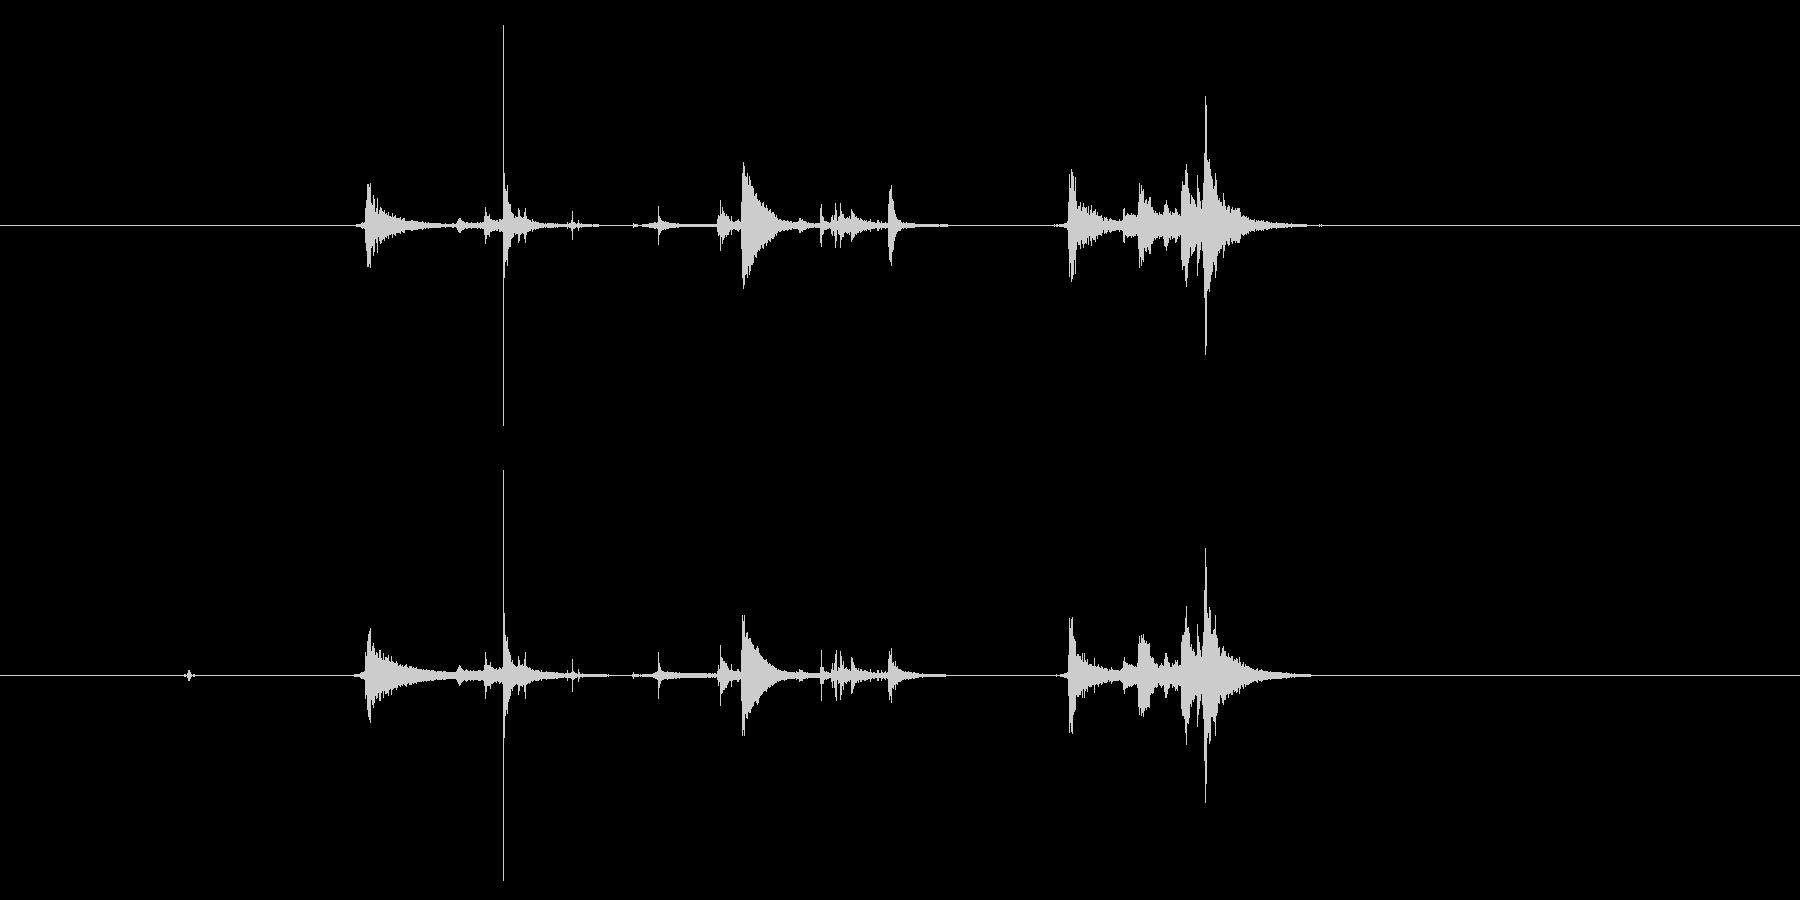 【録音】氷を入れる音の未再生の波形